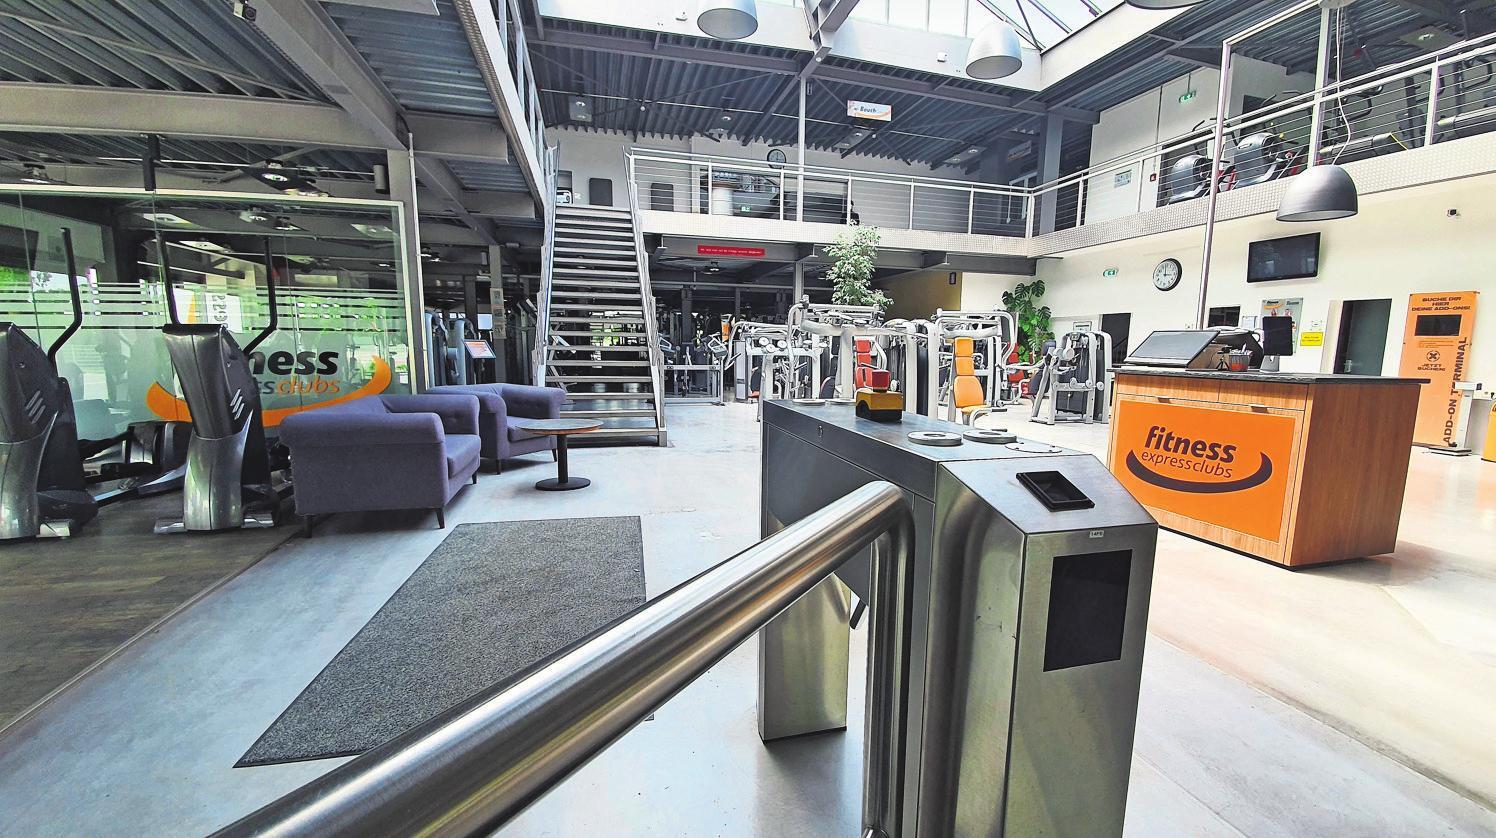 Zusätzlich zu dem bereits funktionierenden Hygiene- und Lüftungskonzept sind die Fitness Express Clubs mit PlasmaMade-Luftreinigungsgeräten ausgestattet. Foto: Fitness Express Club